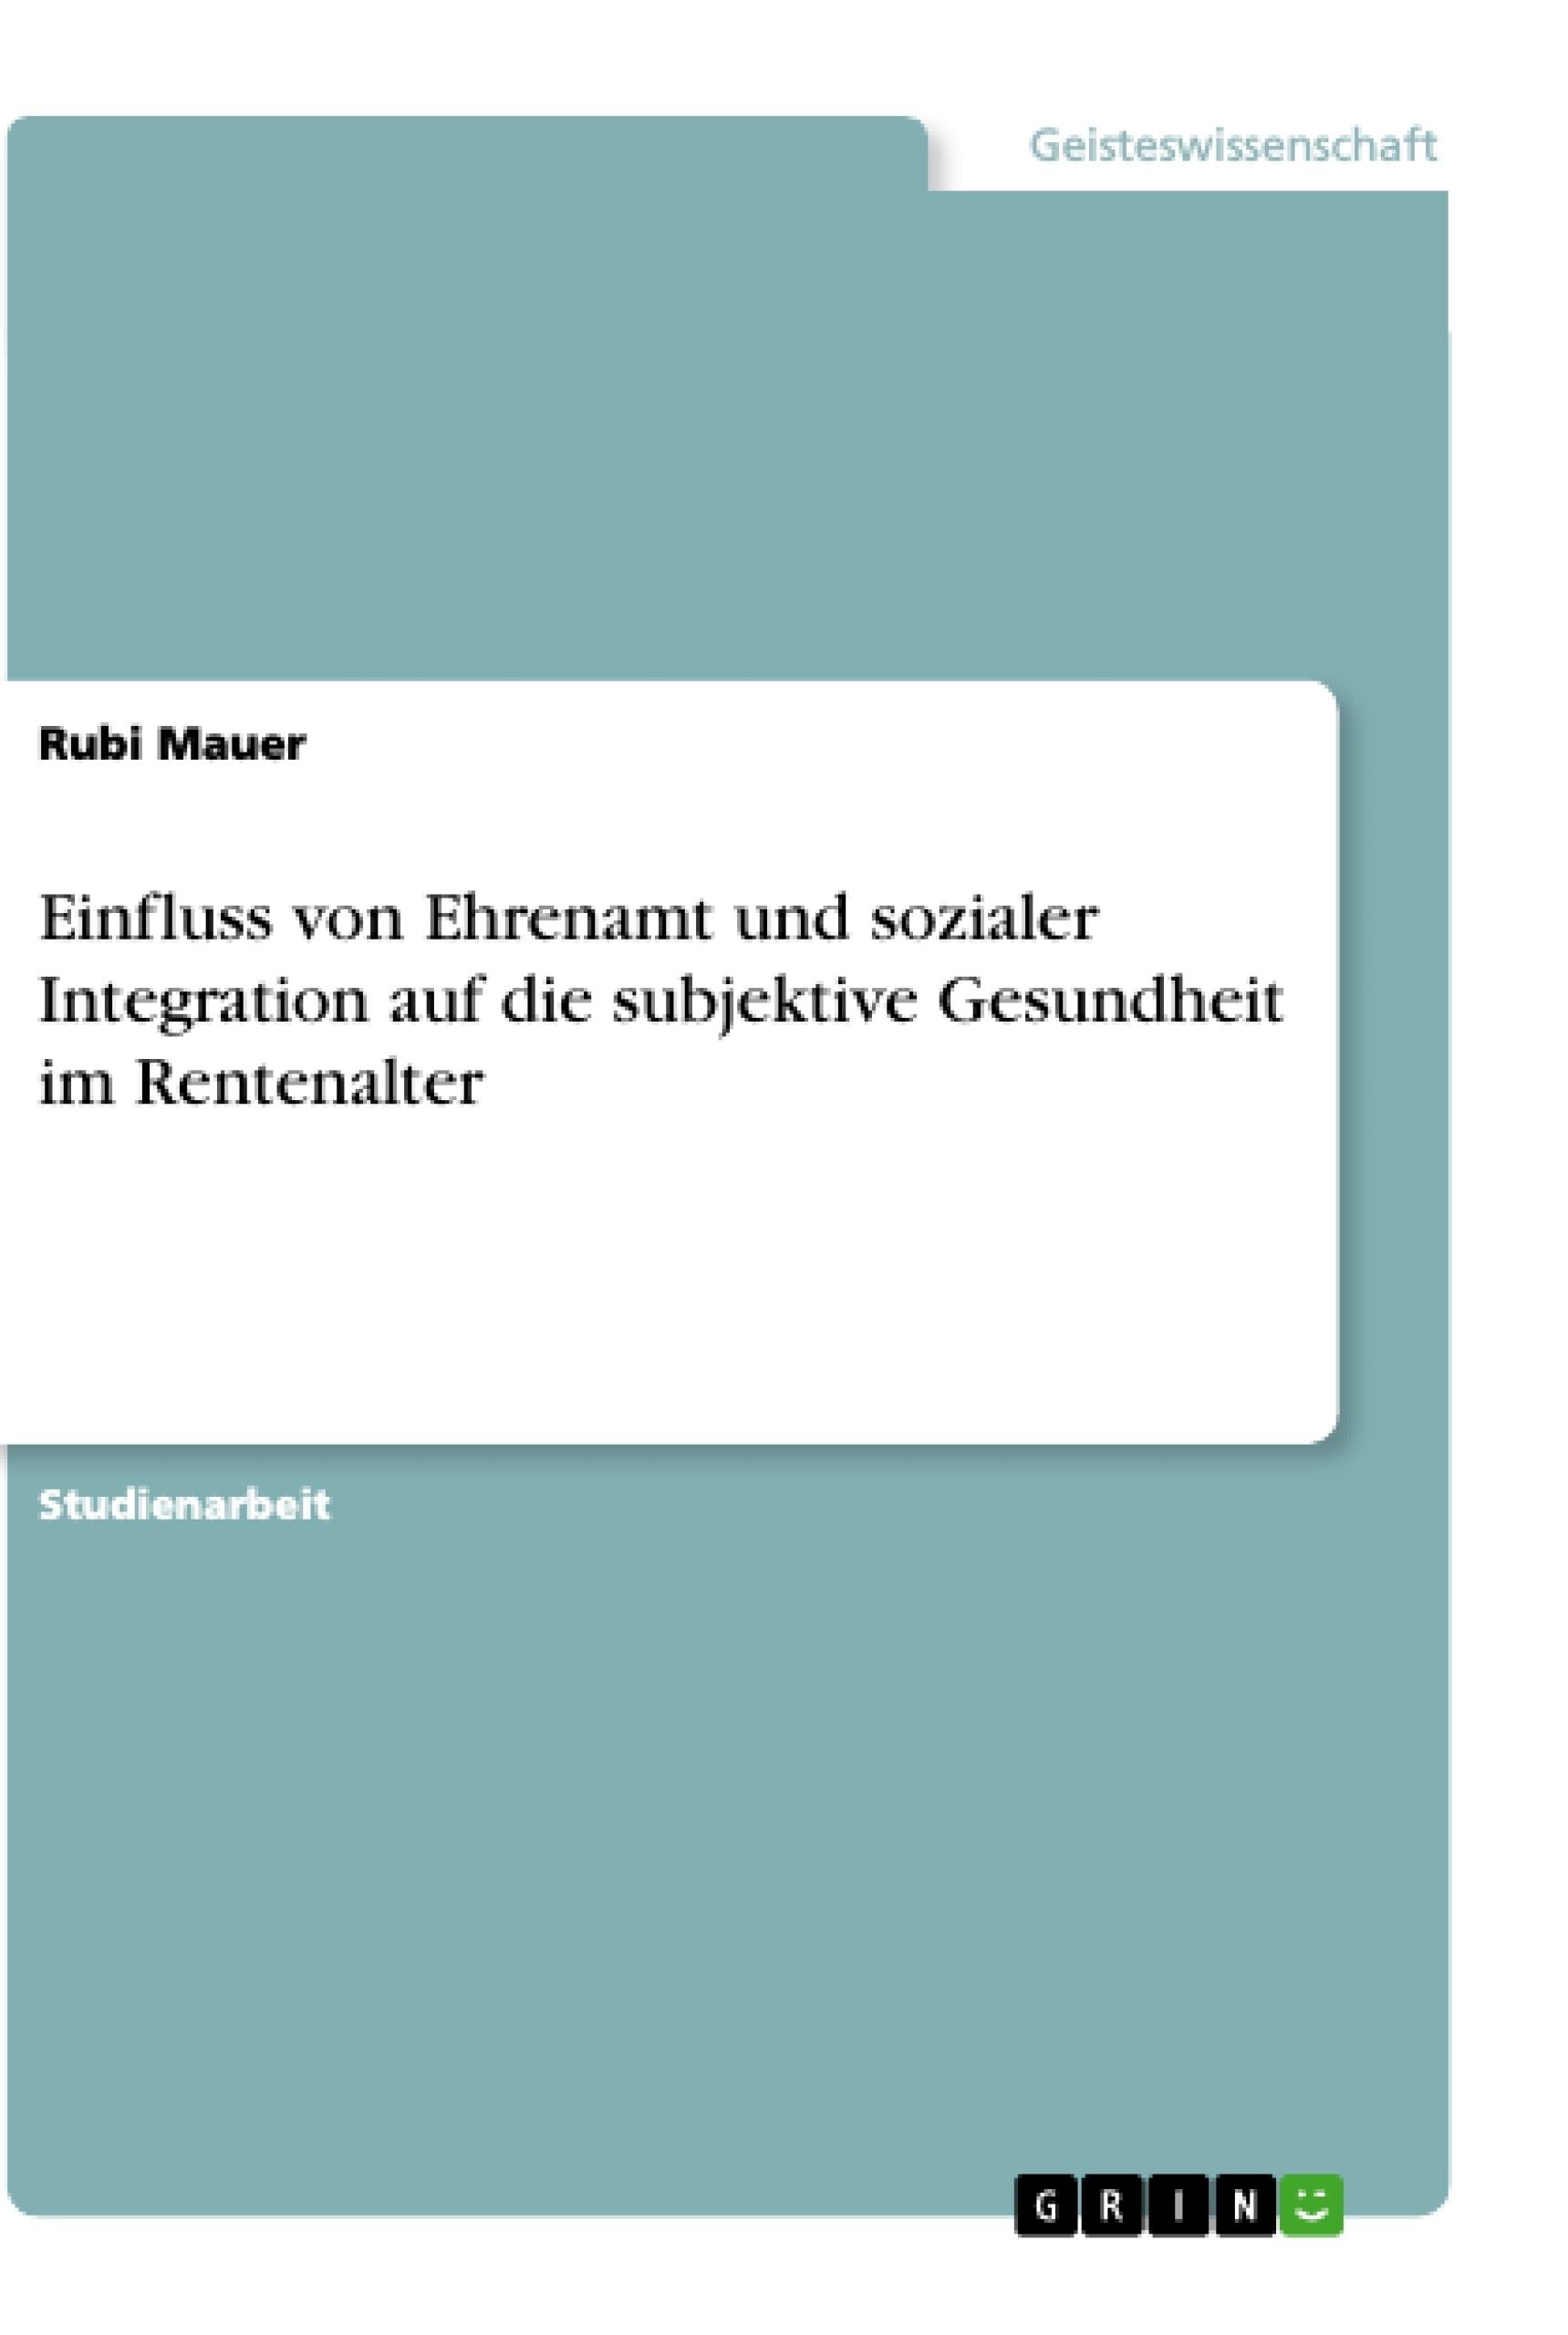 Titel: Einfluss von Ehrenamt und sozialer Integration auf die subjektive Gesundheit im Rentenalter